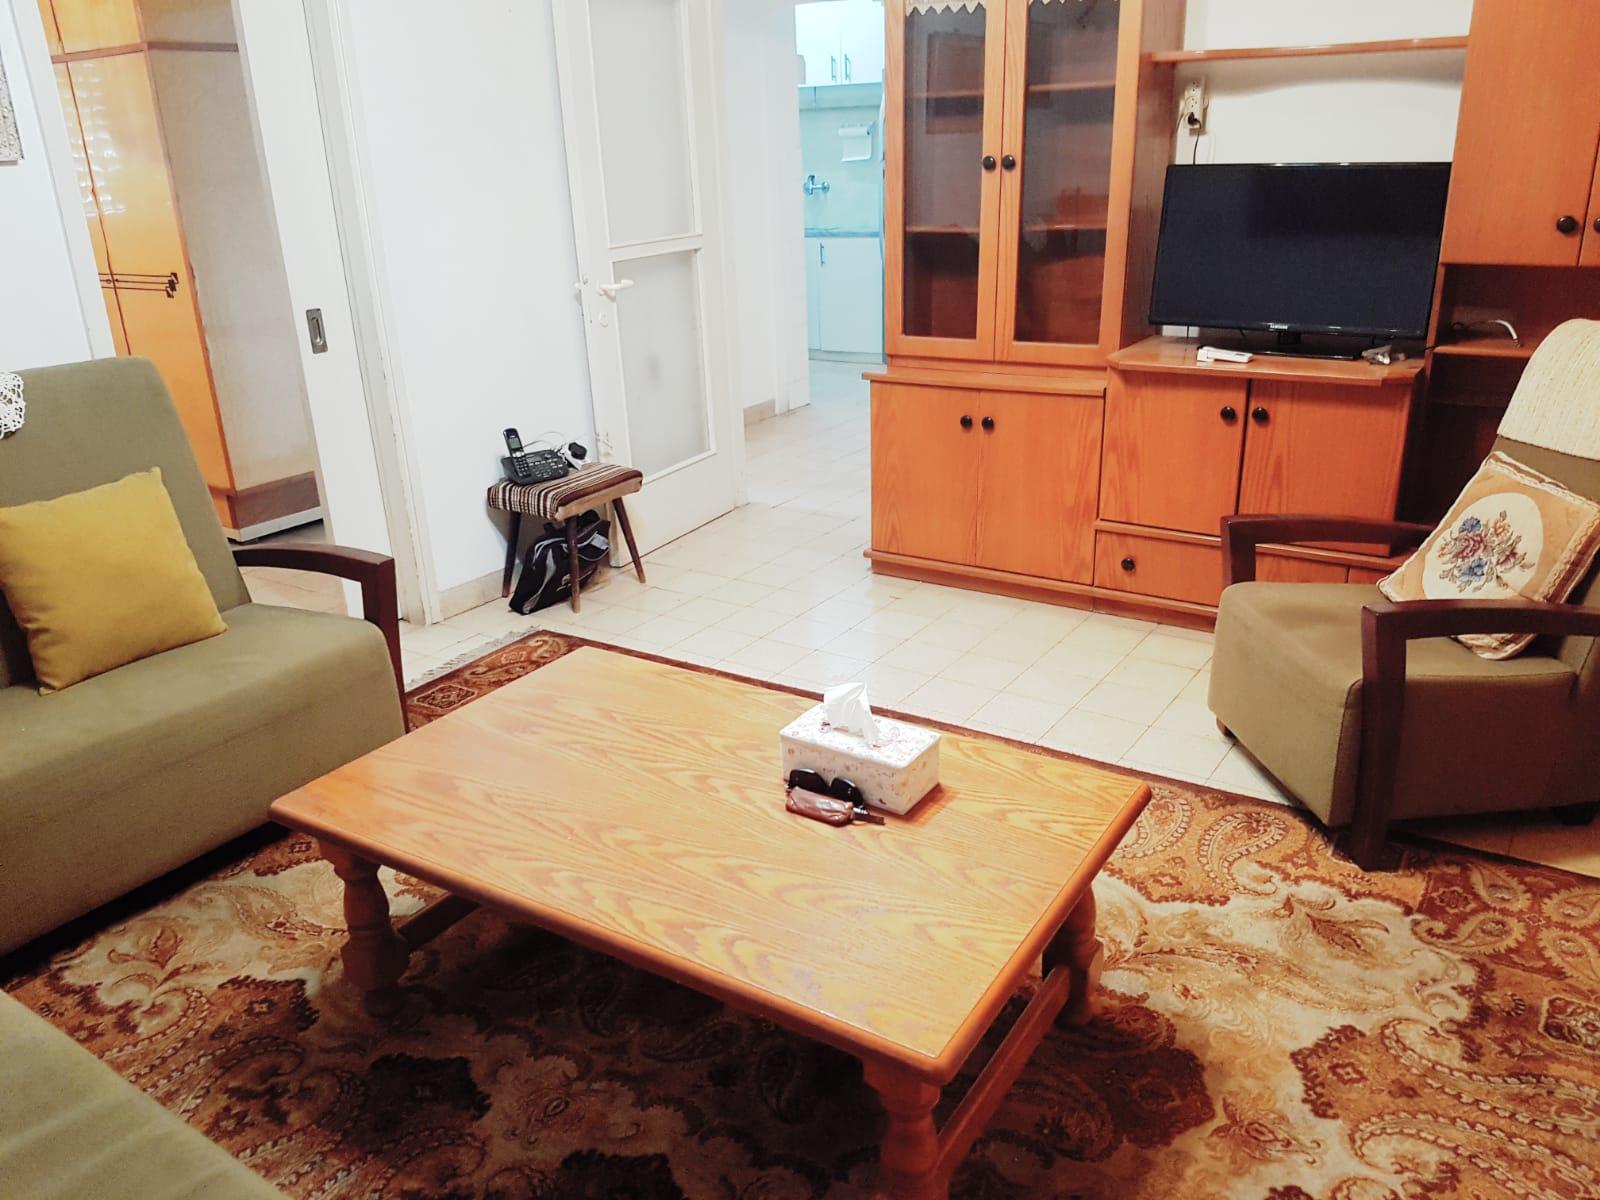 דירת 3 חדרים מסודרת ושמורה בקריית ביאליק